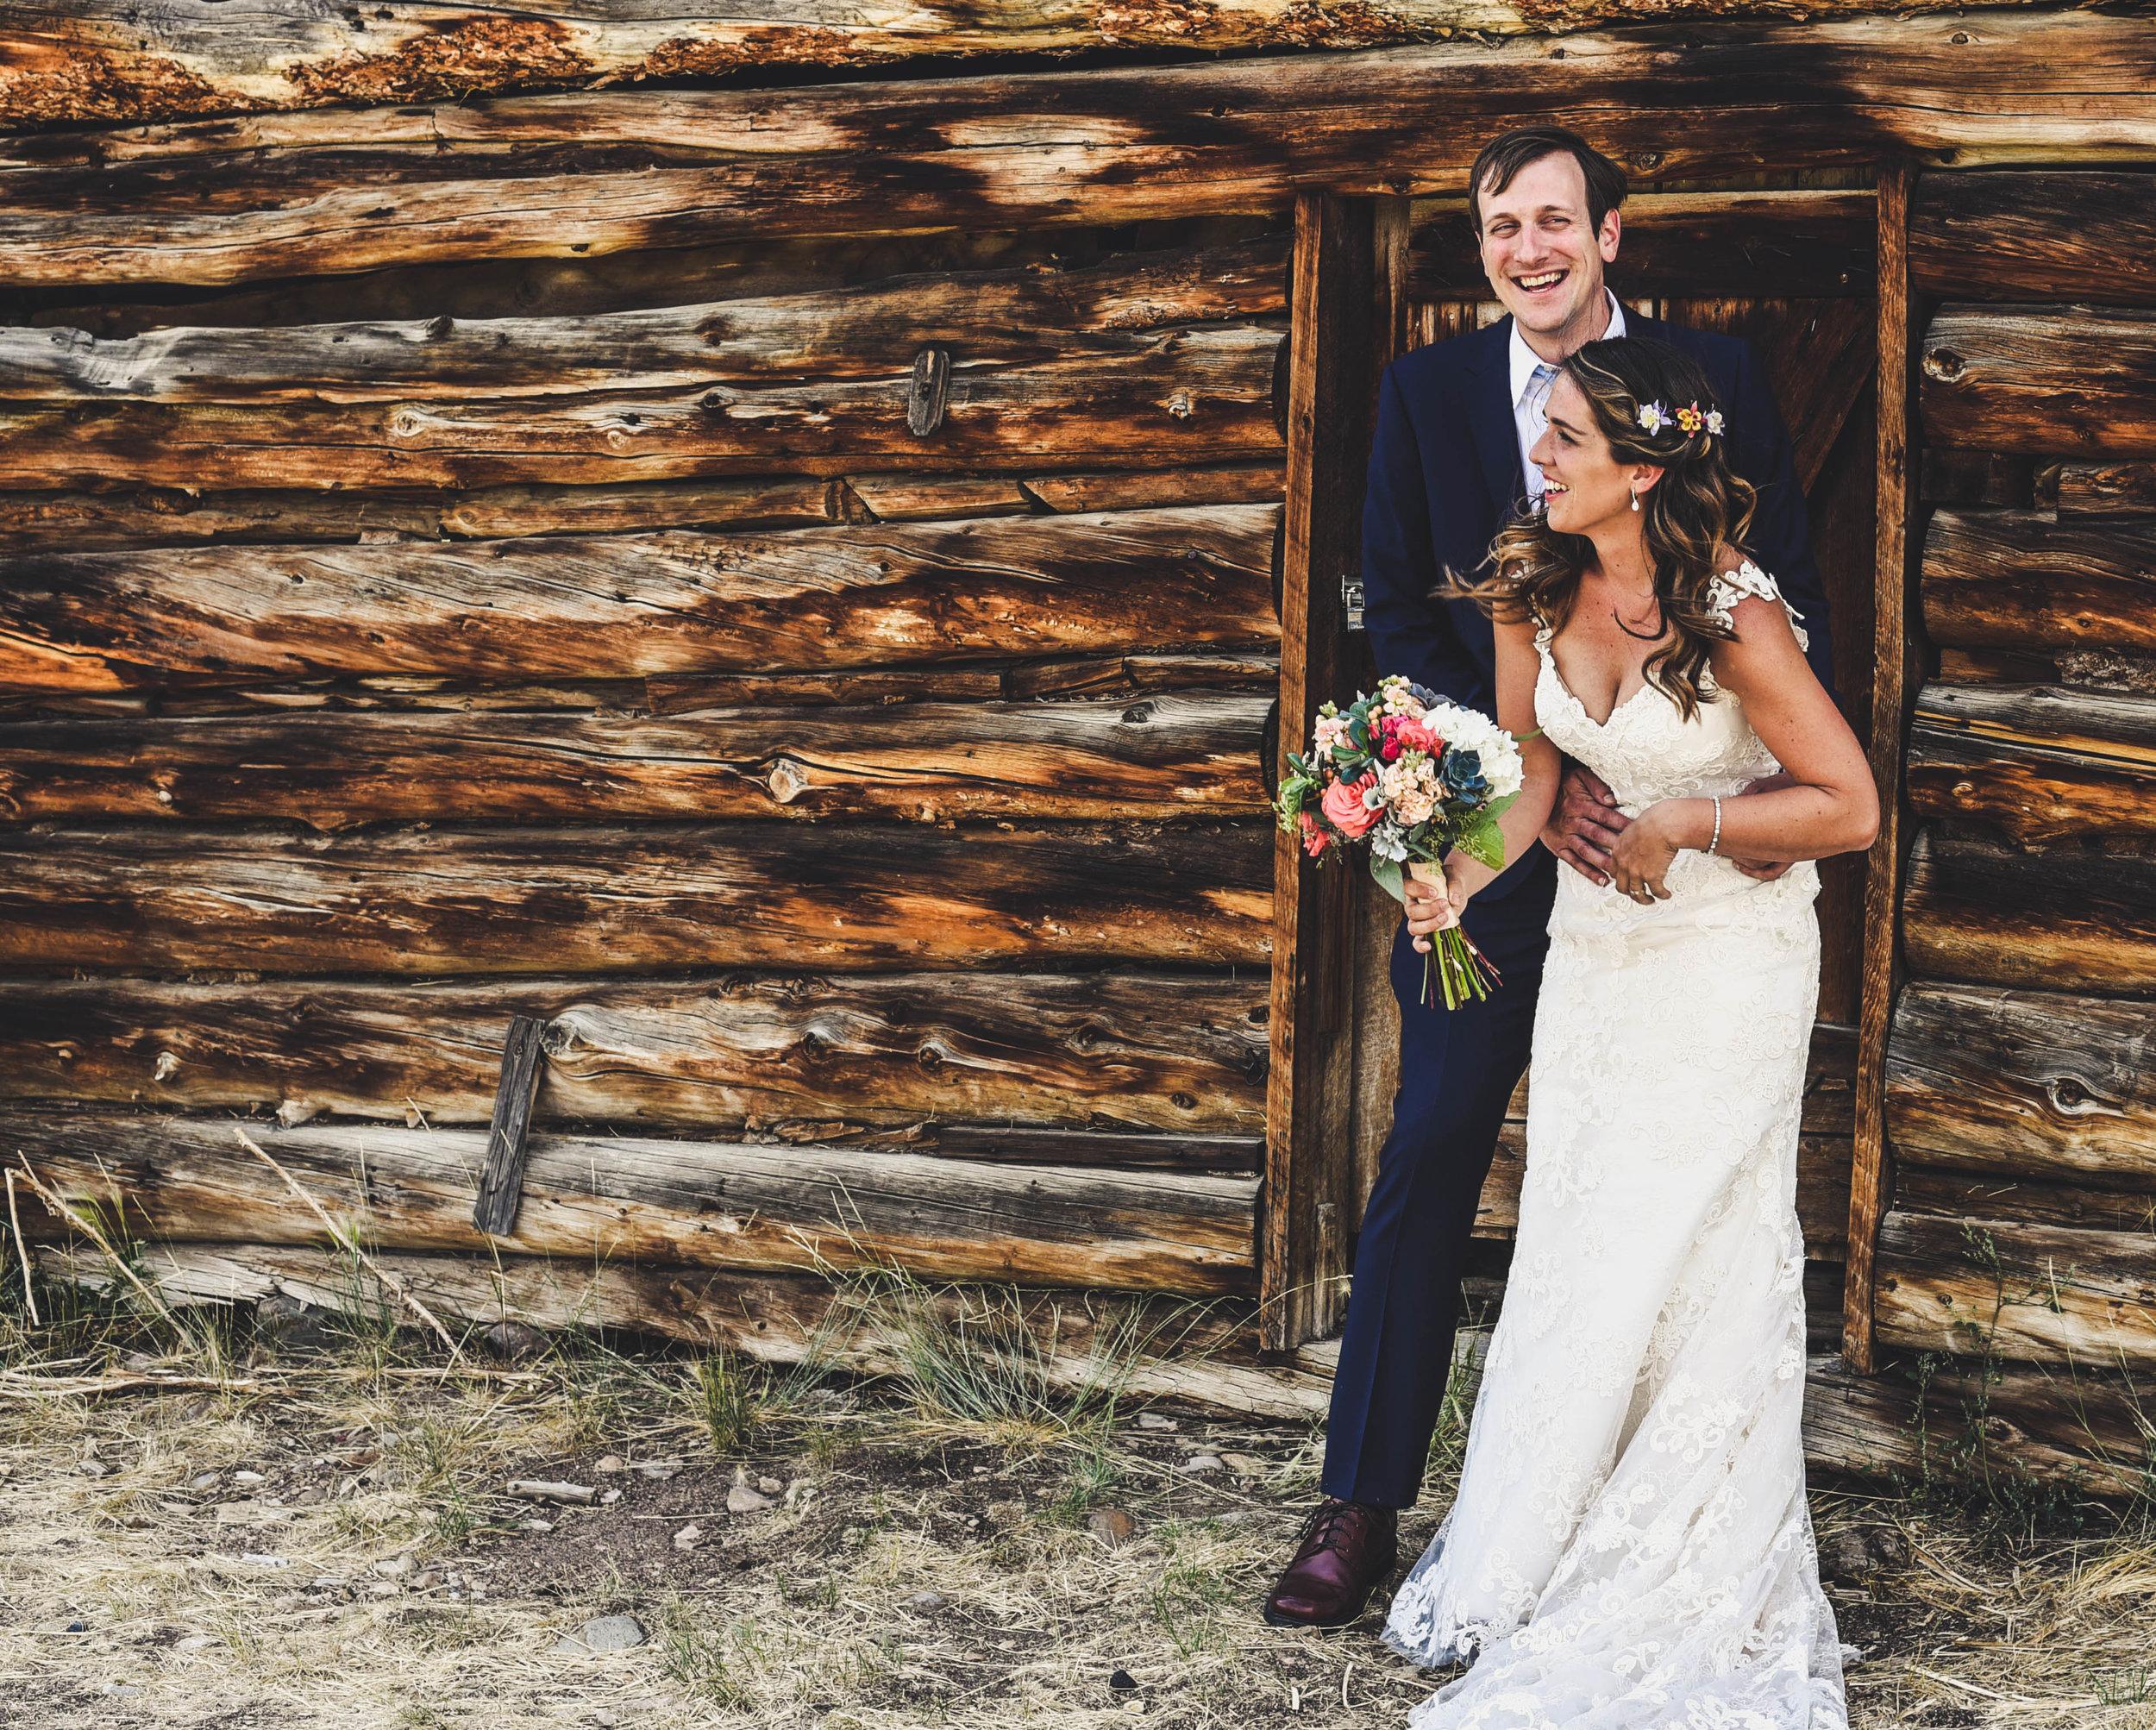 BrideGroom4.jpg